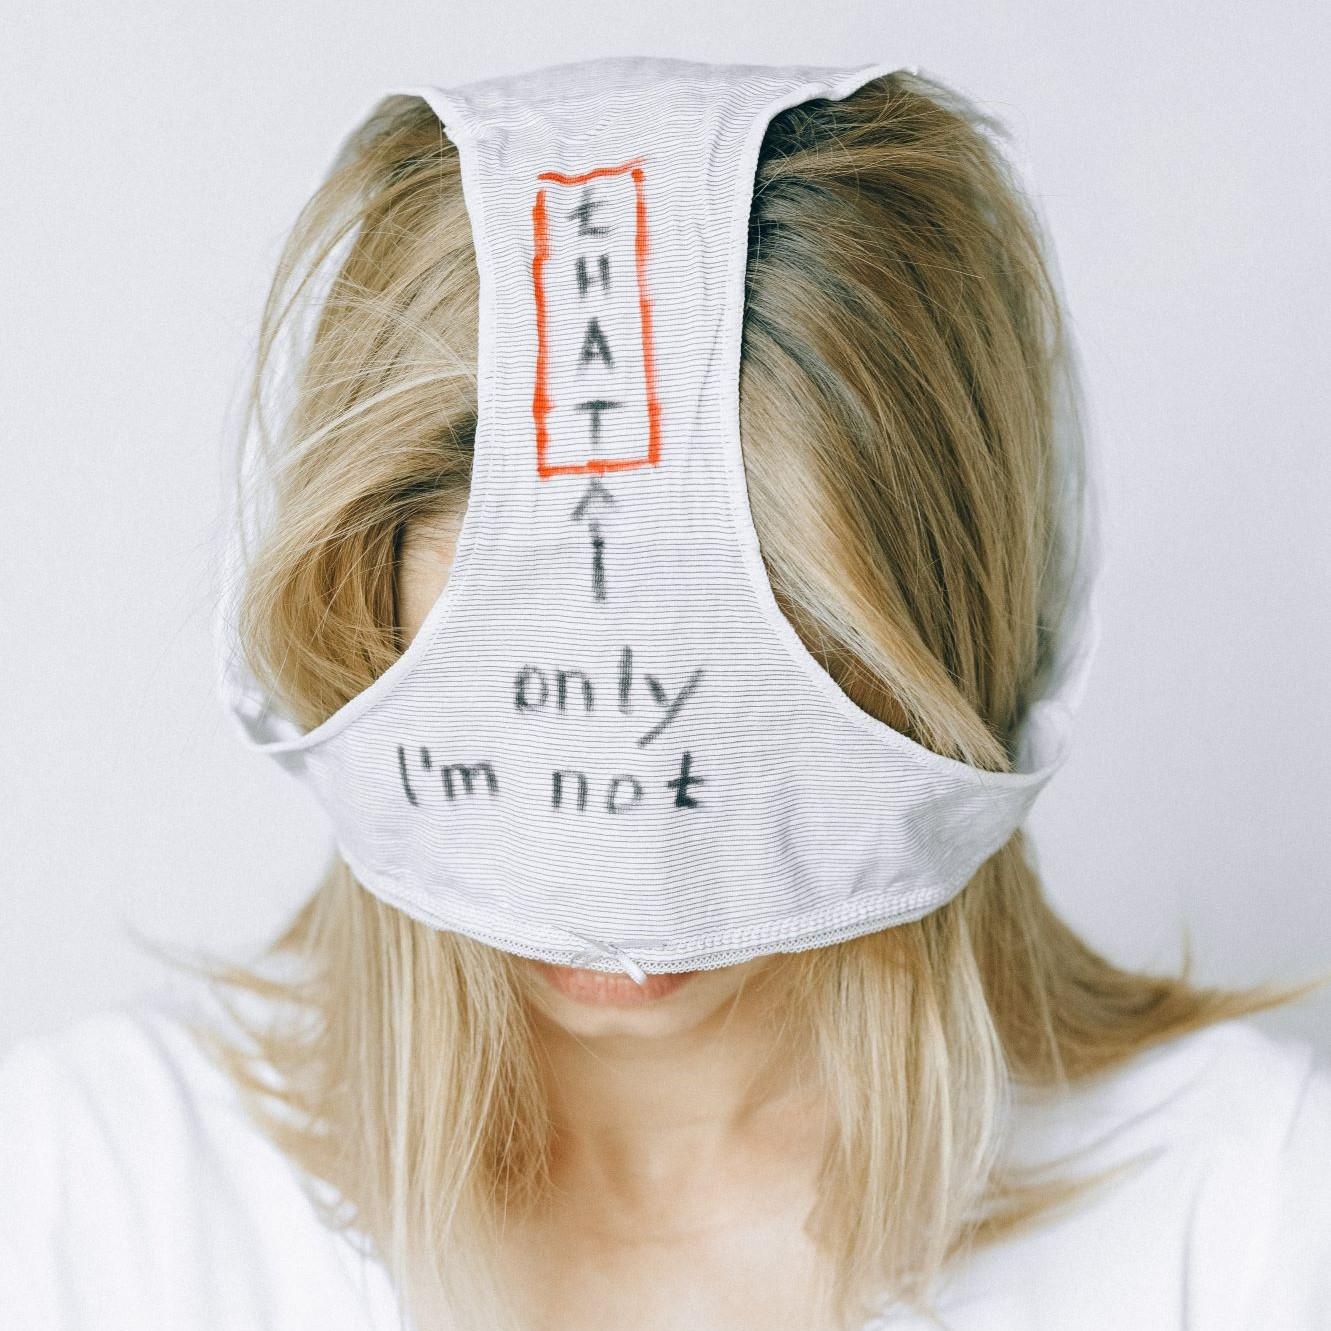 Σεξουαλική Παρενόχληση :  Στον χώρο της Υγείας και εργασίας